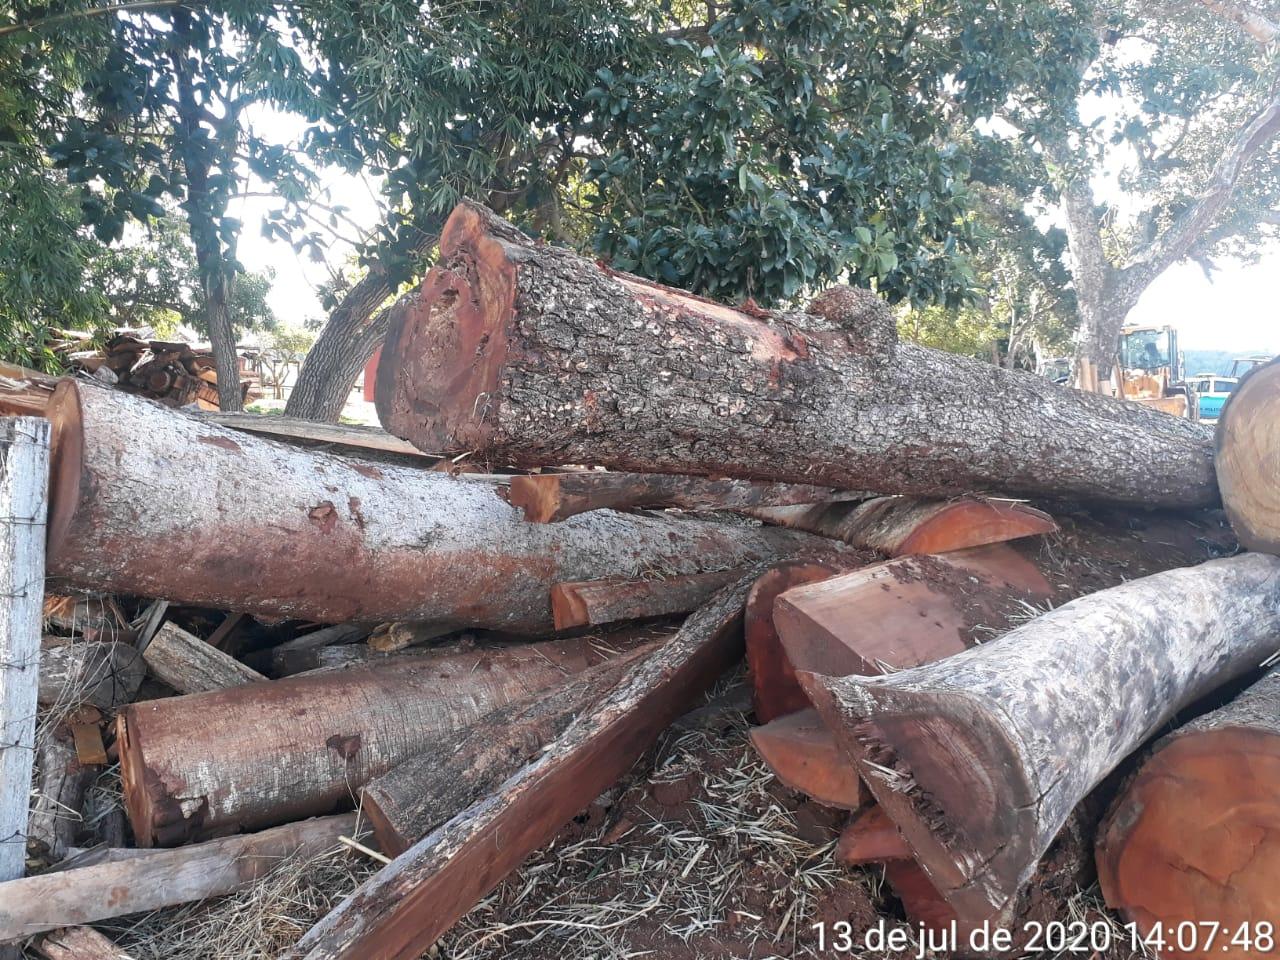 Fazendeiro é multado em mais de R$ 20 mil por queimada e exploração ilegal de madeira